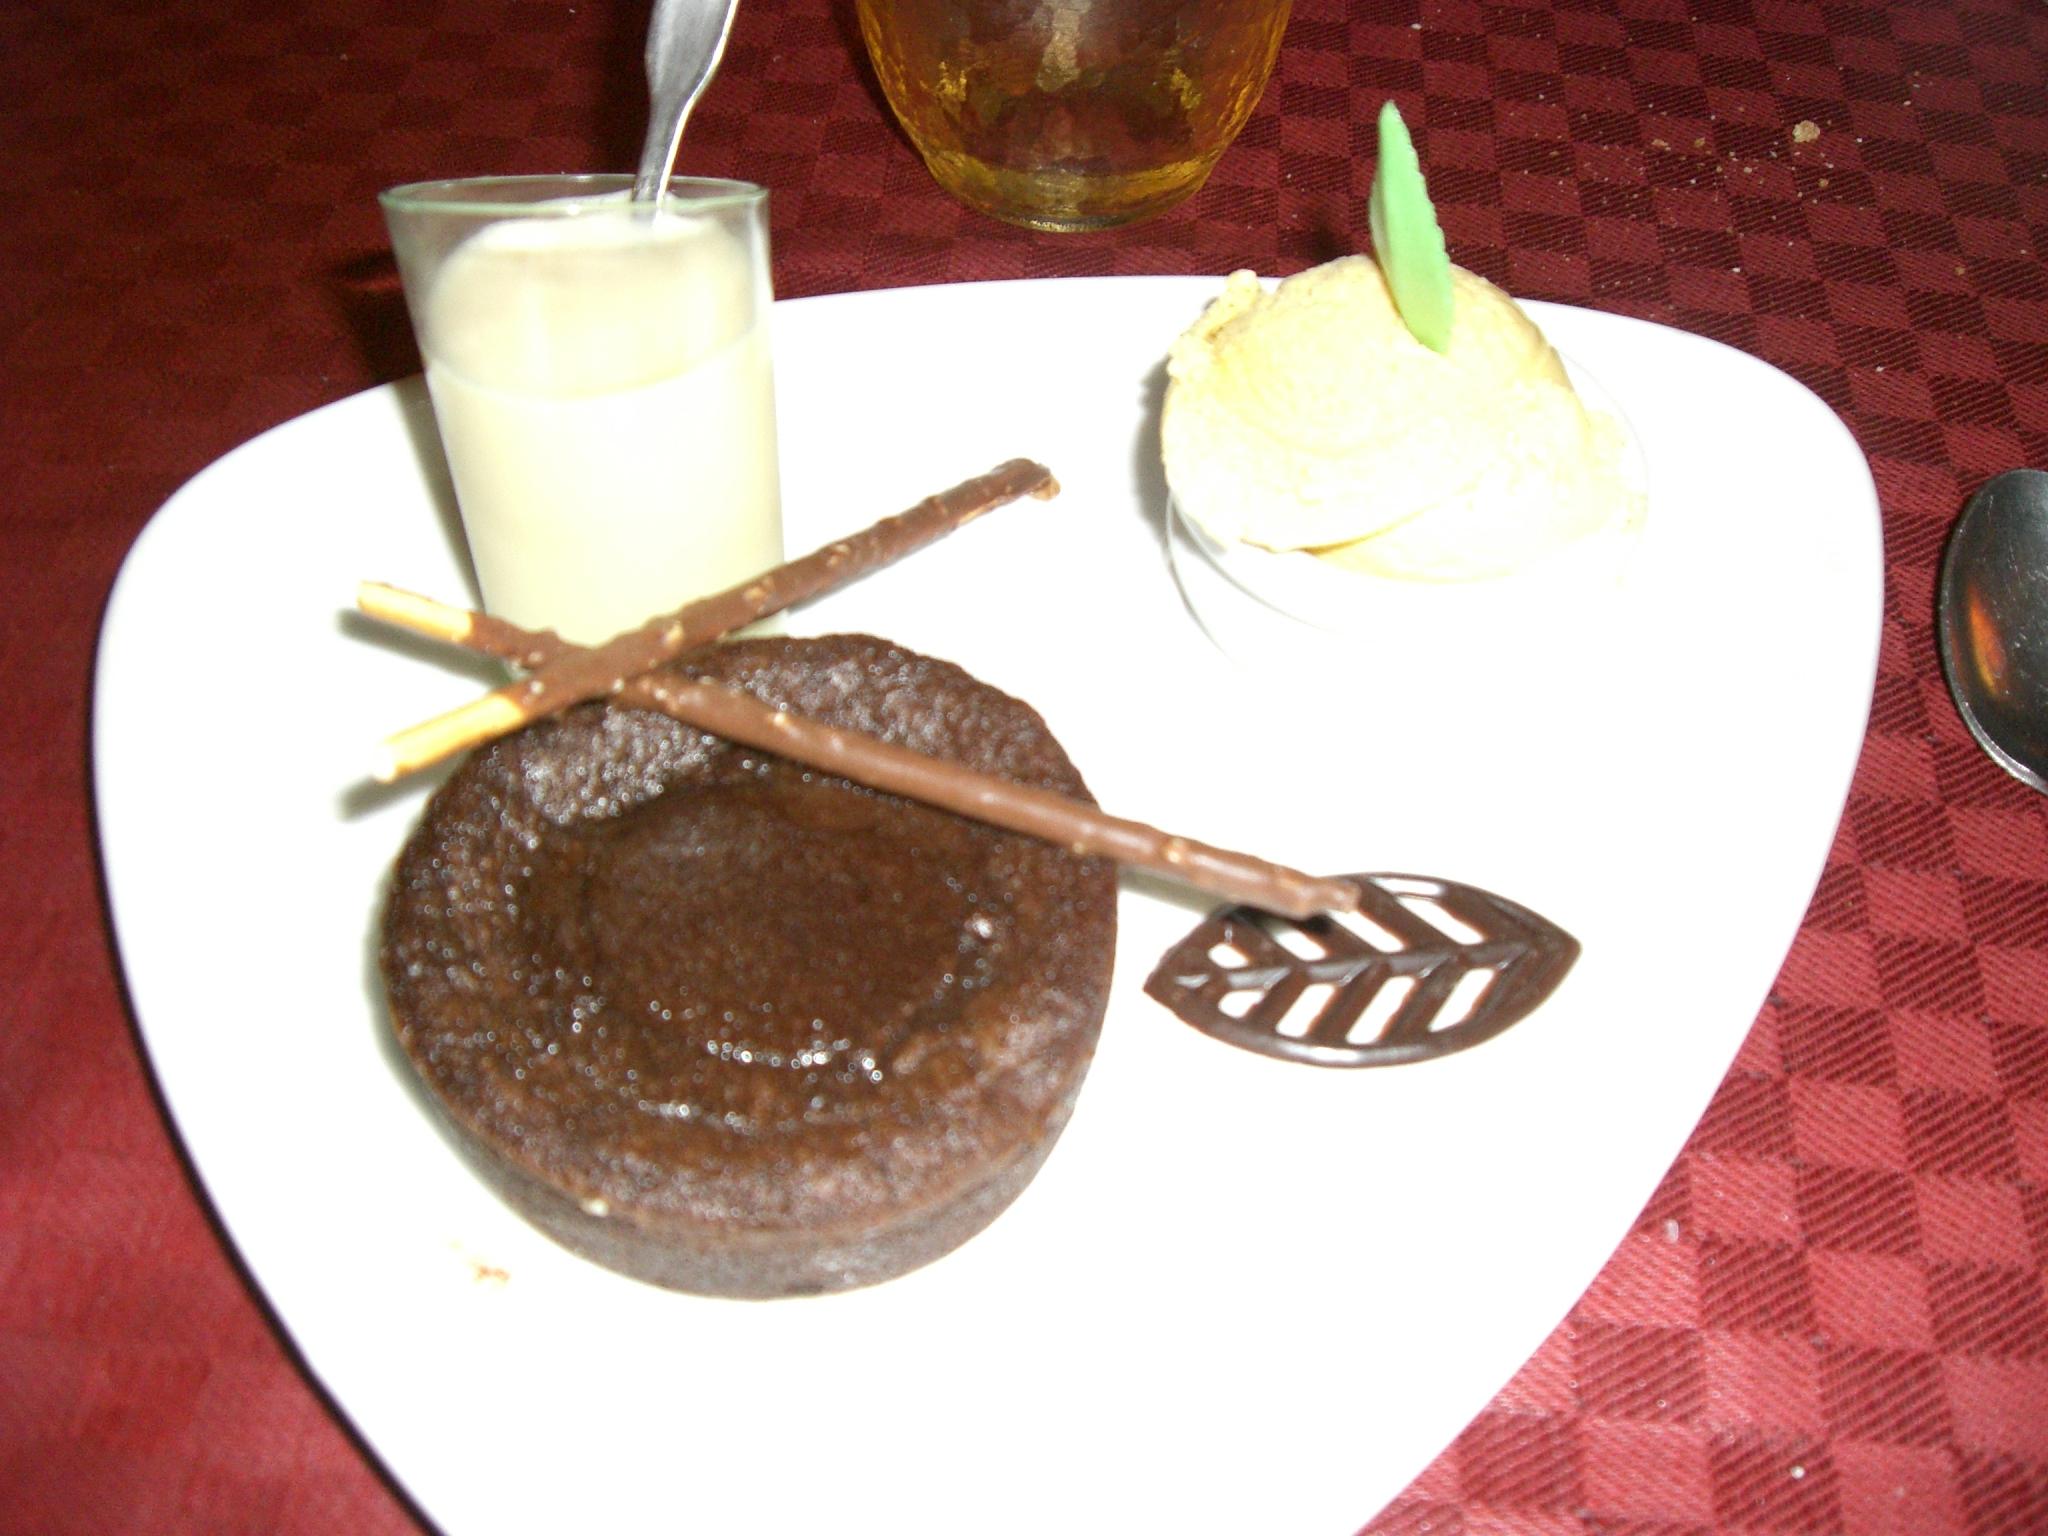 moelleuxchocolat